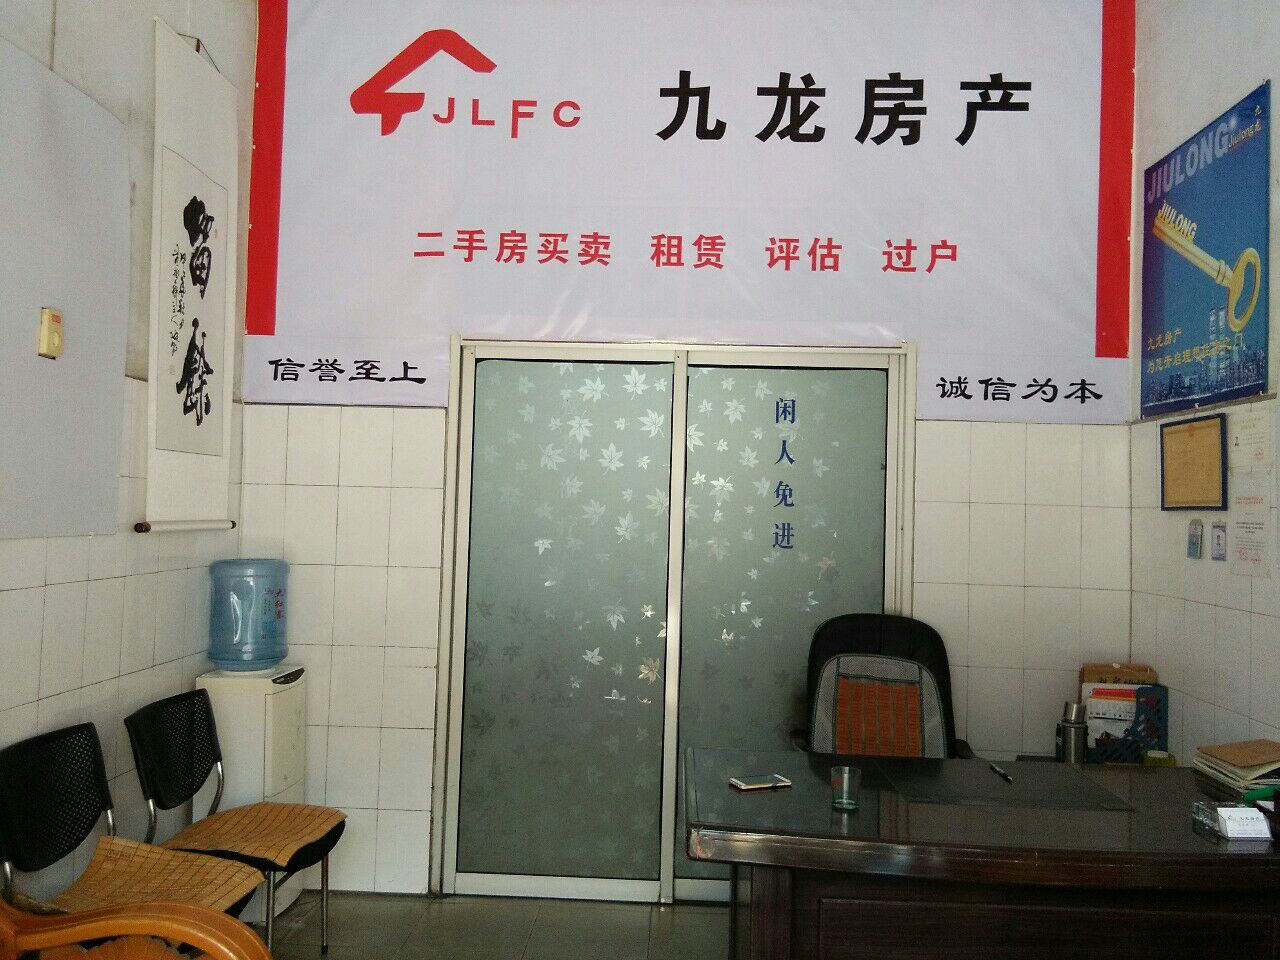 火车站附近独院【41】三间两层三张床月1000元